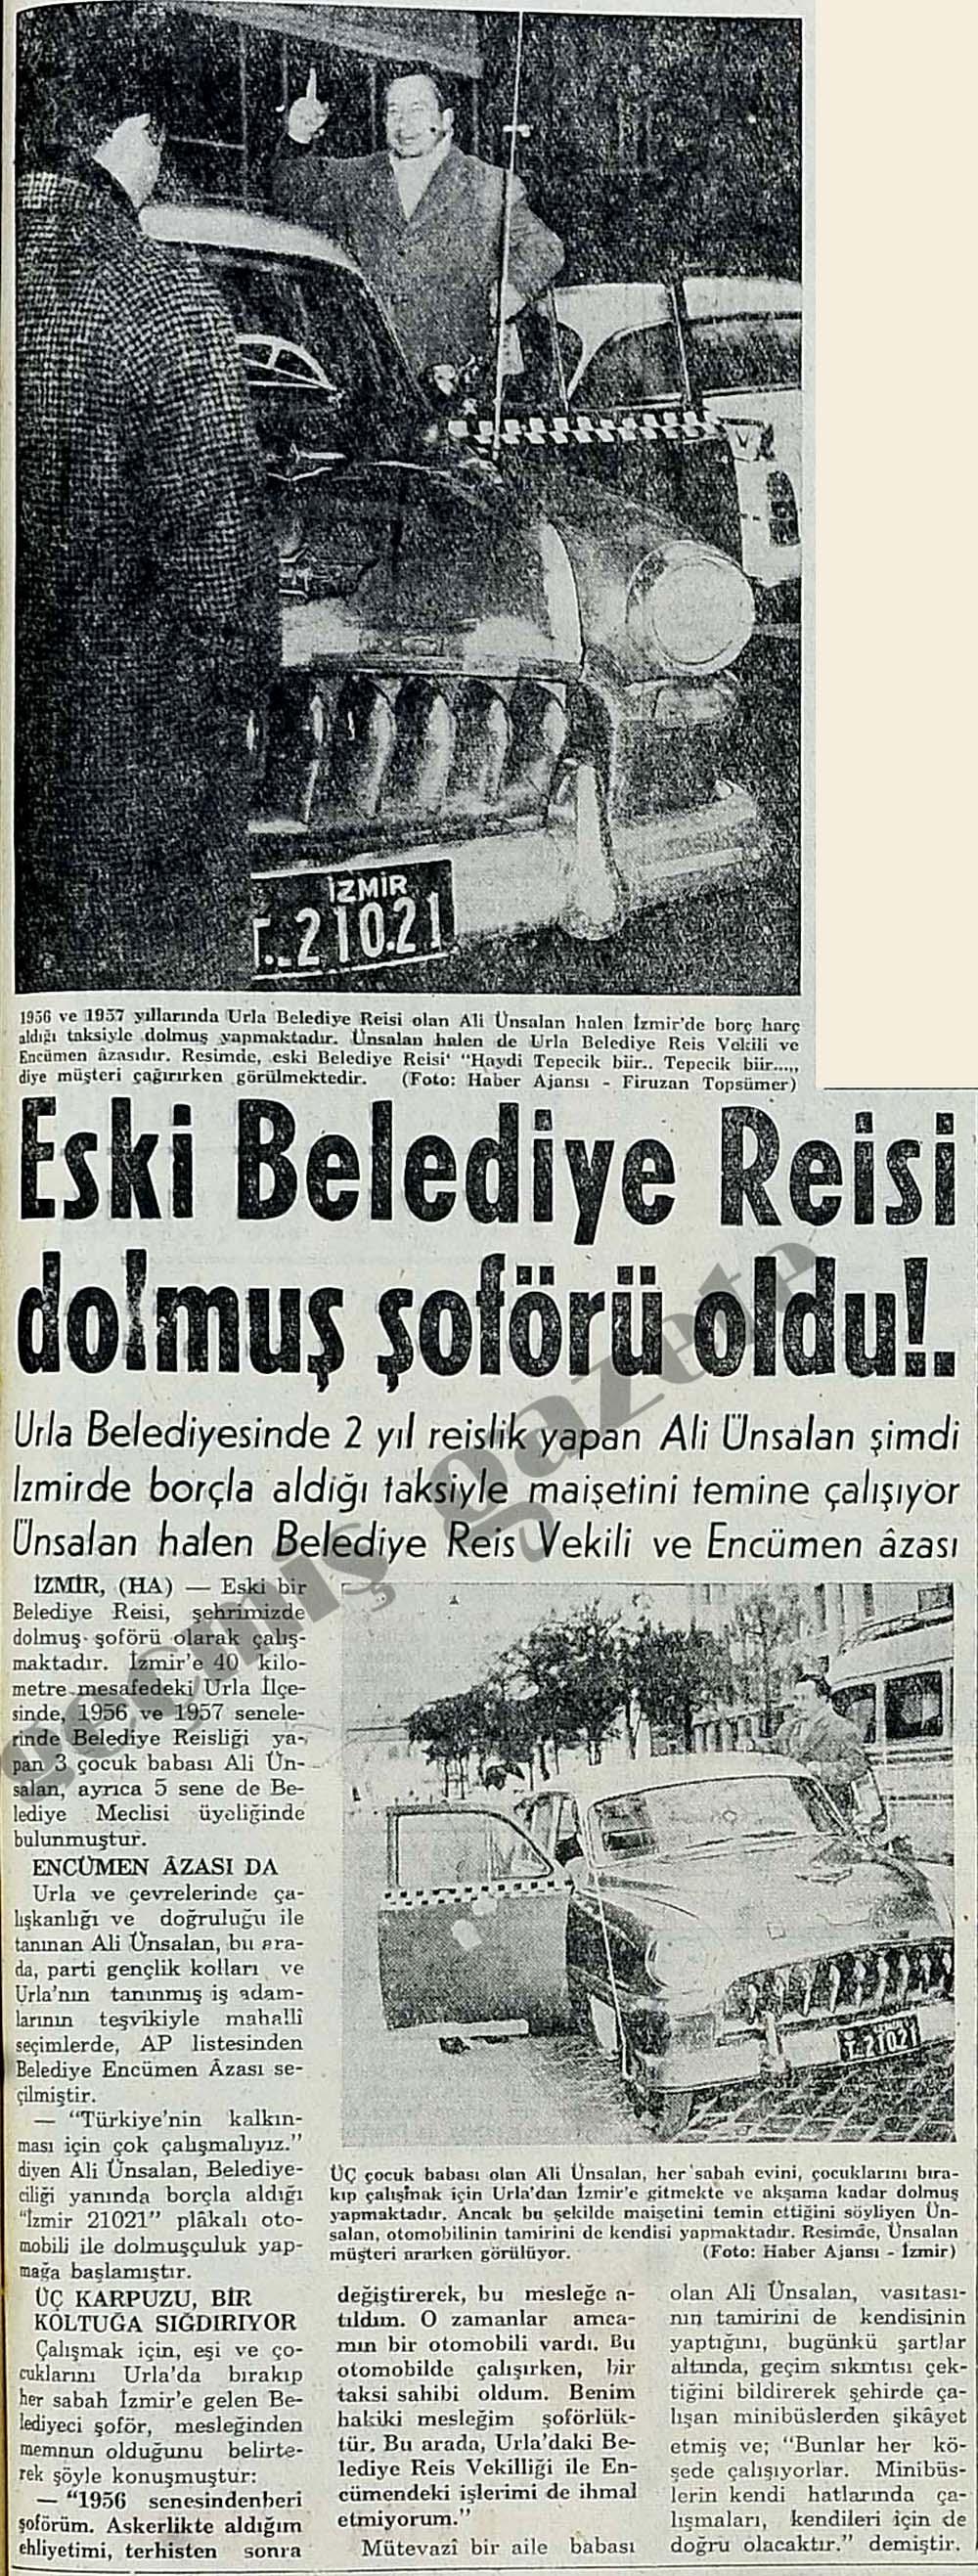 Eski Belediye Reisi dolmuş şoförü oldu!.